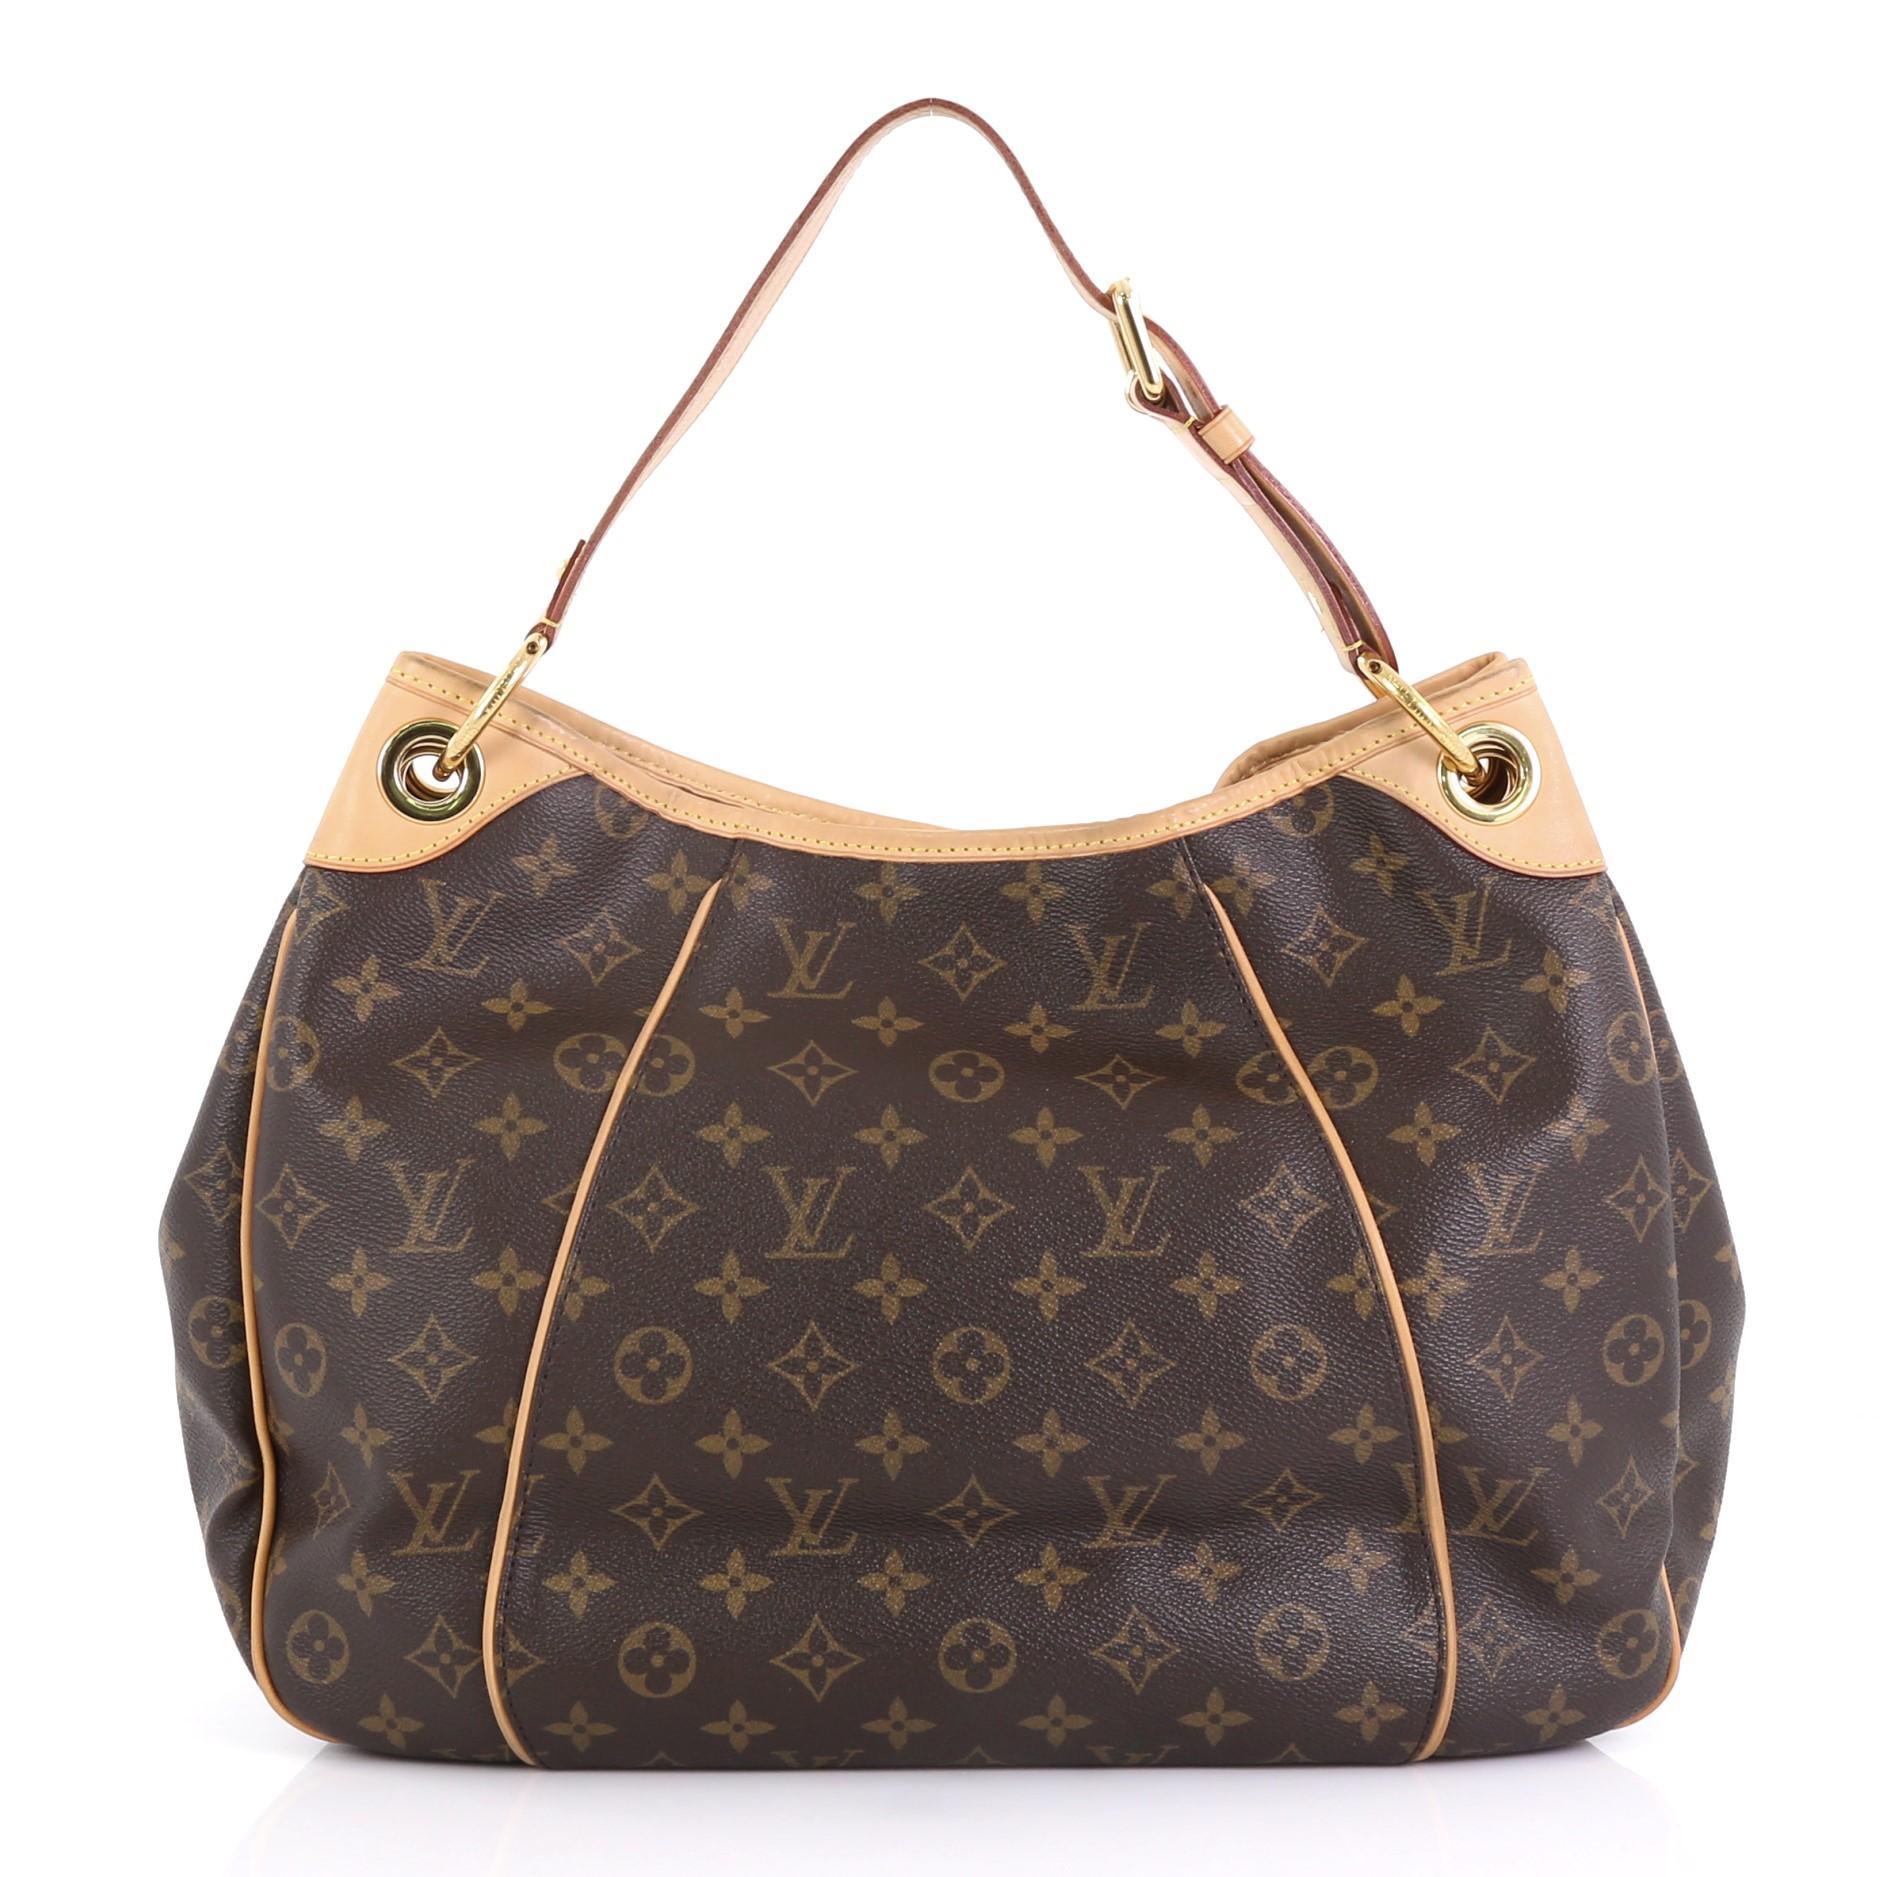 a6bb055a659 Louis Vuitton Galliera Handbag Monogram Canvas PM